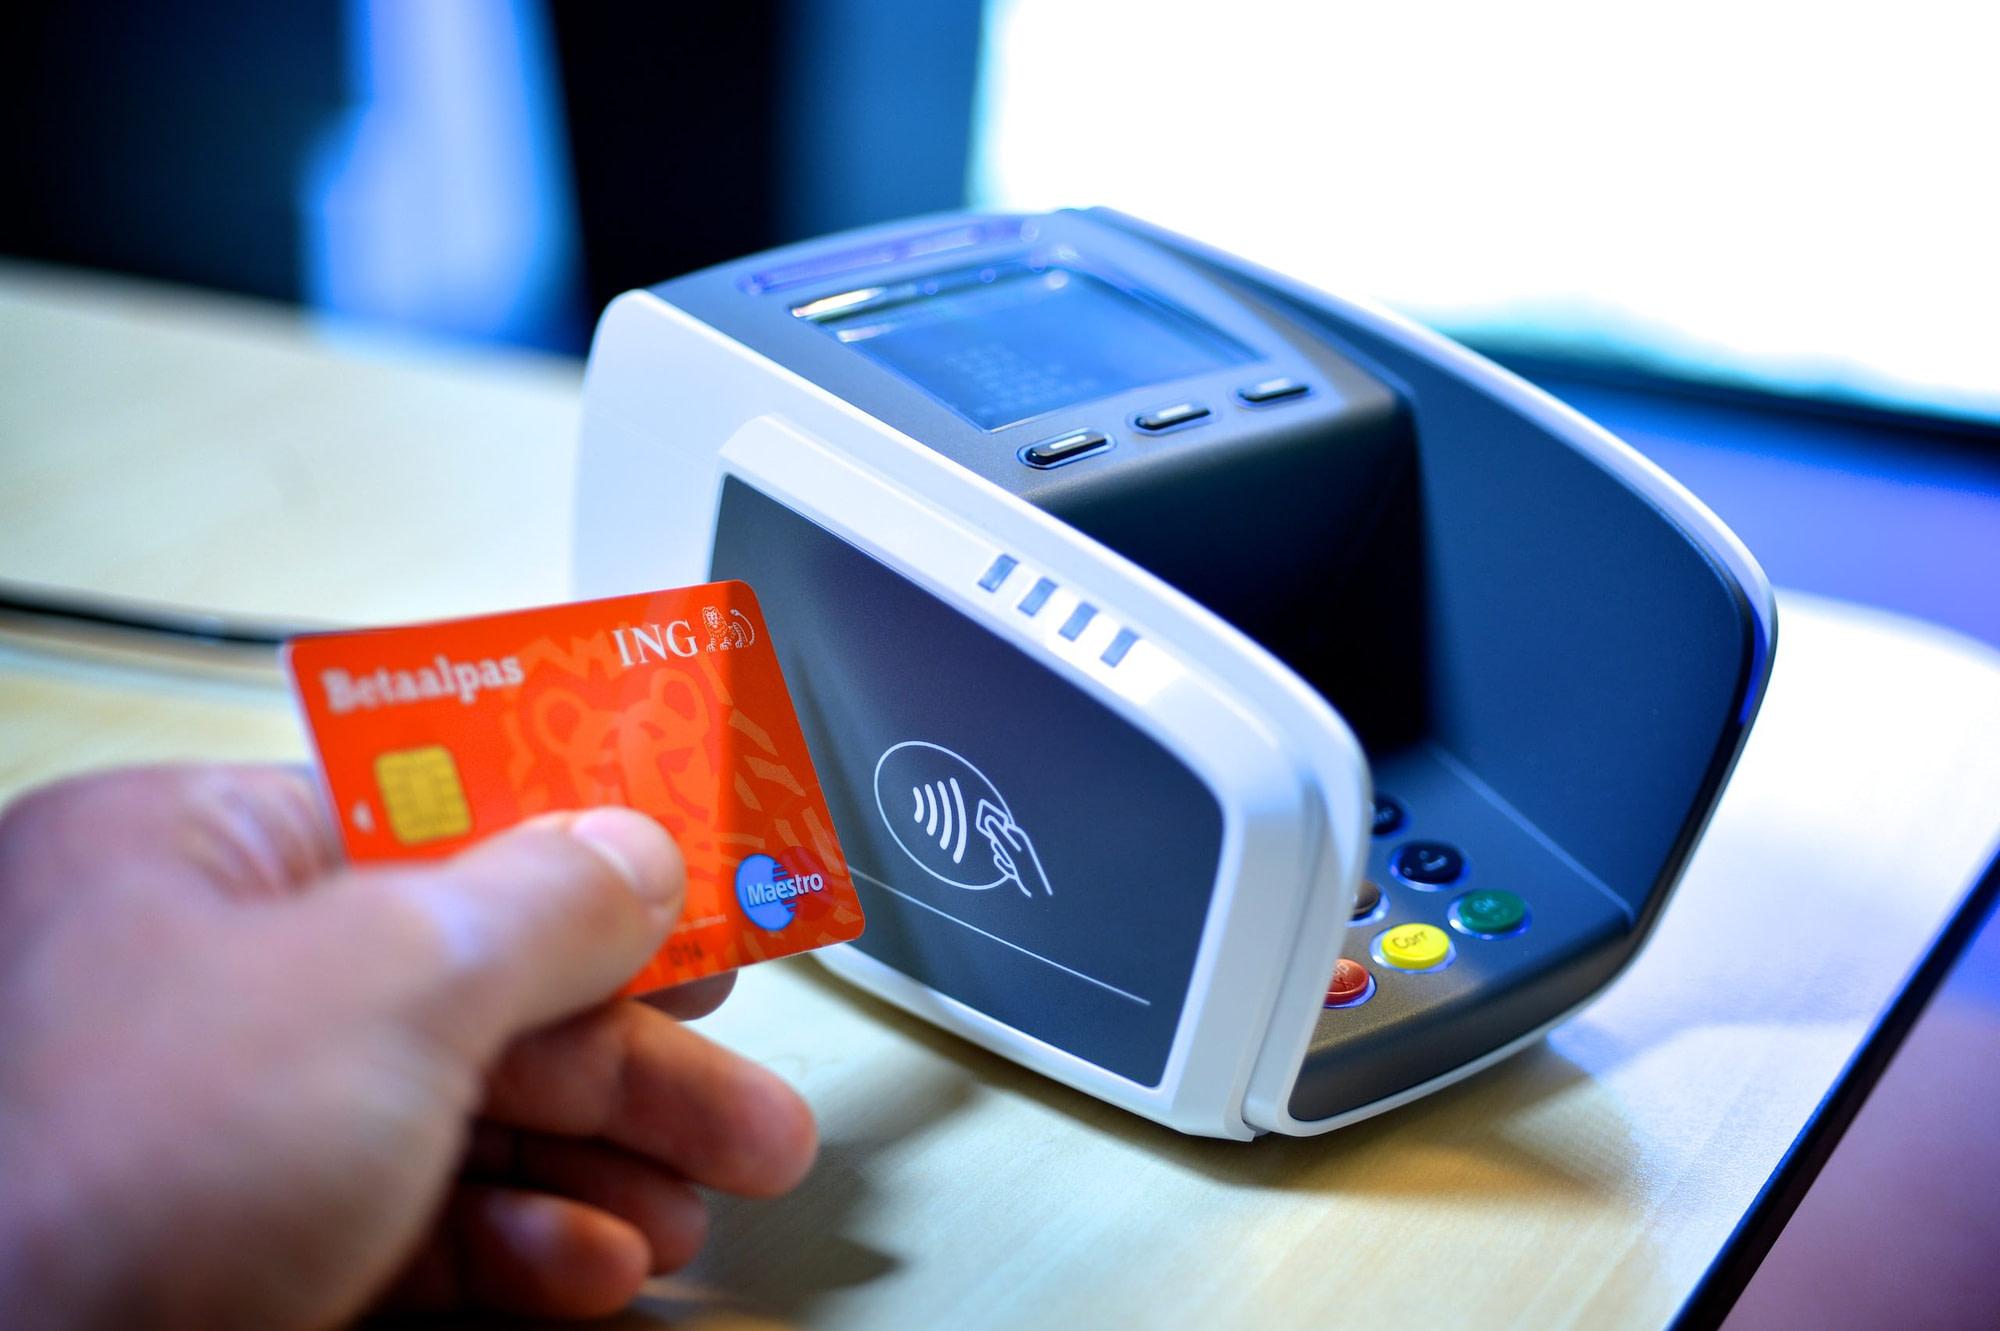 Terminal de paiement électronique et carte bancaire